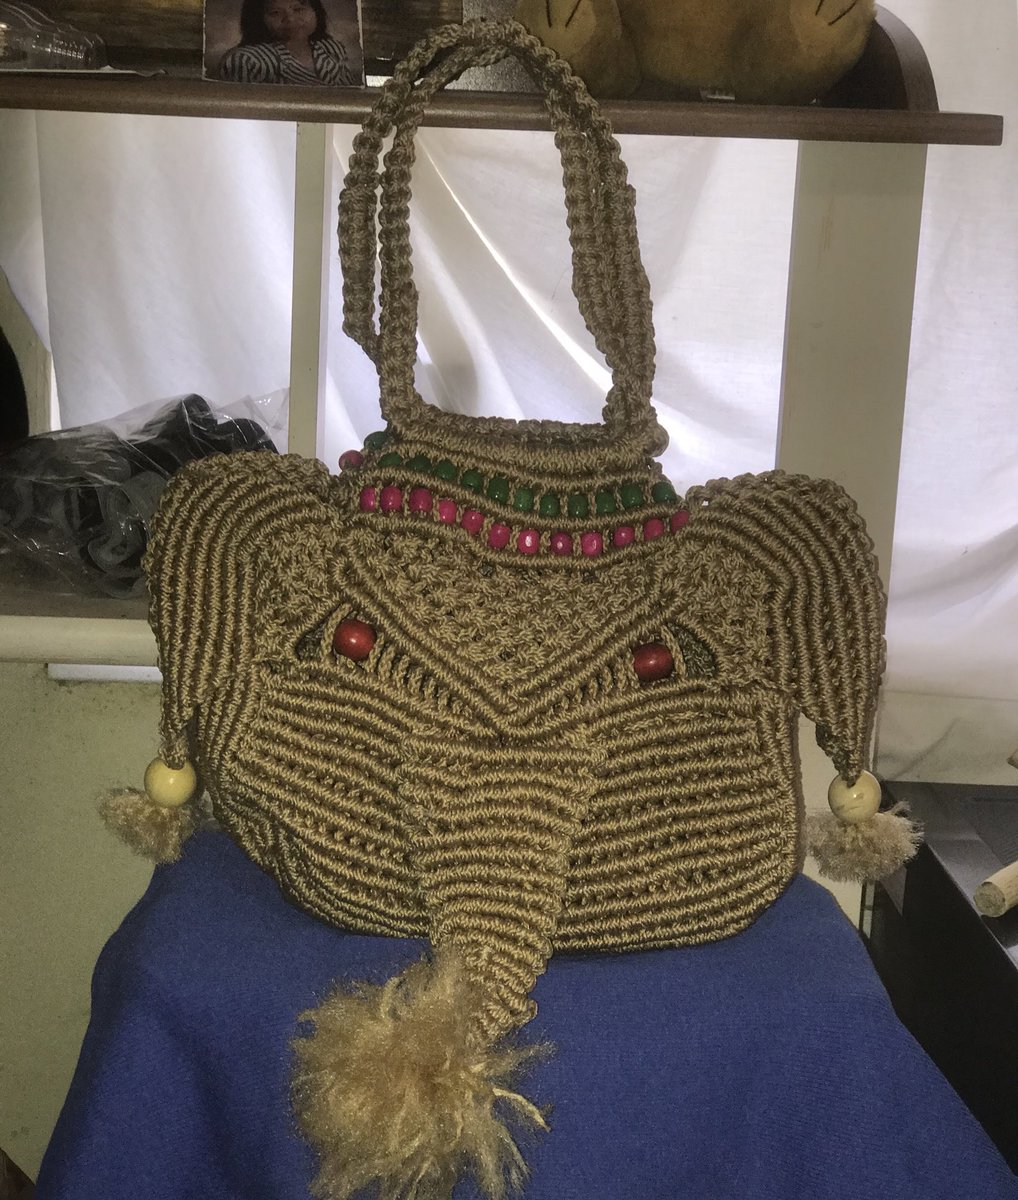 Handemade Elephant Handbag for sale pm for deatails #handmade #goodluck #forsale #DeltaSigmaTheta #Delta https://t.co/EzgAsjxQS5